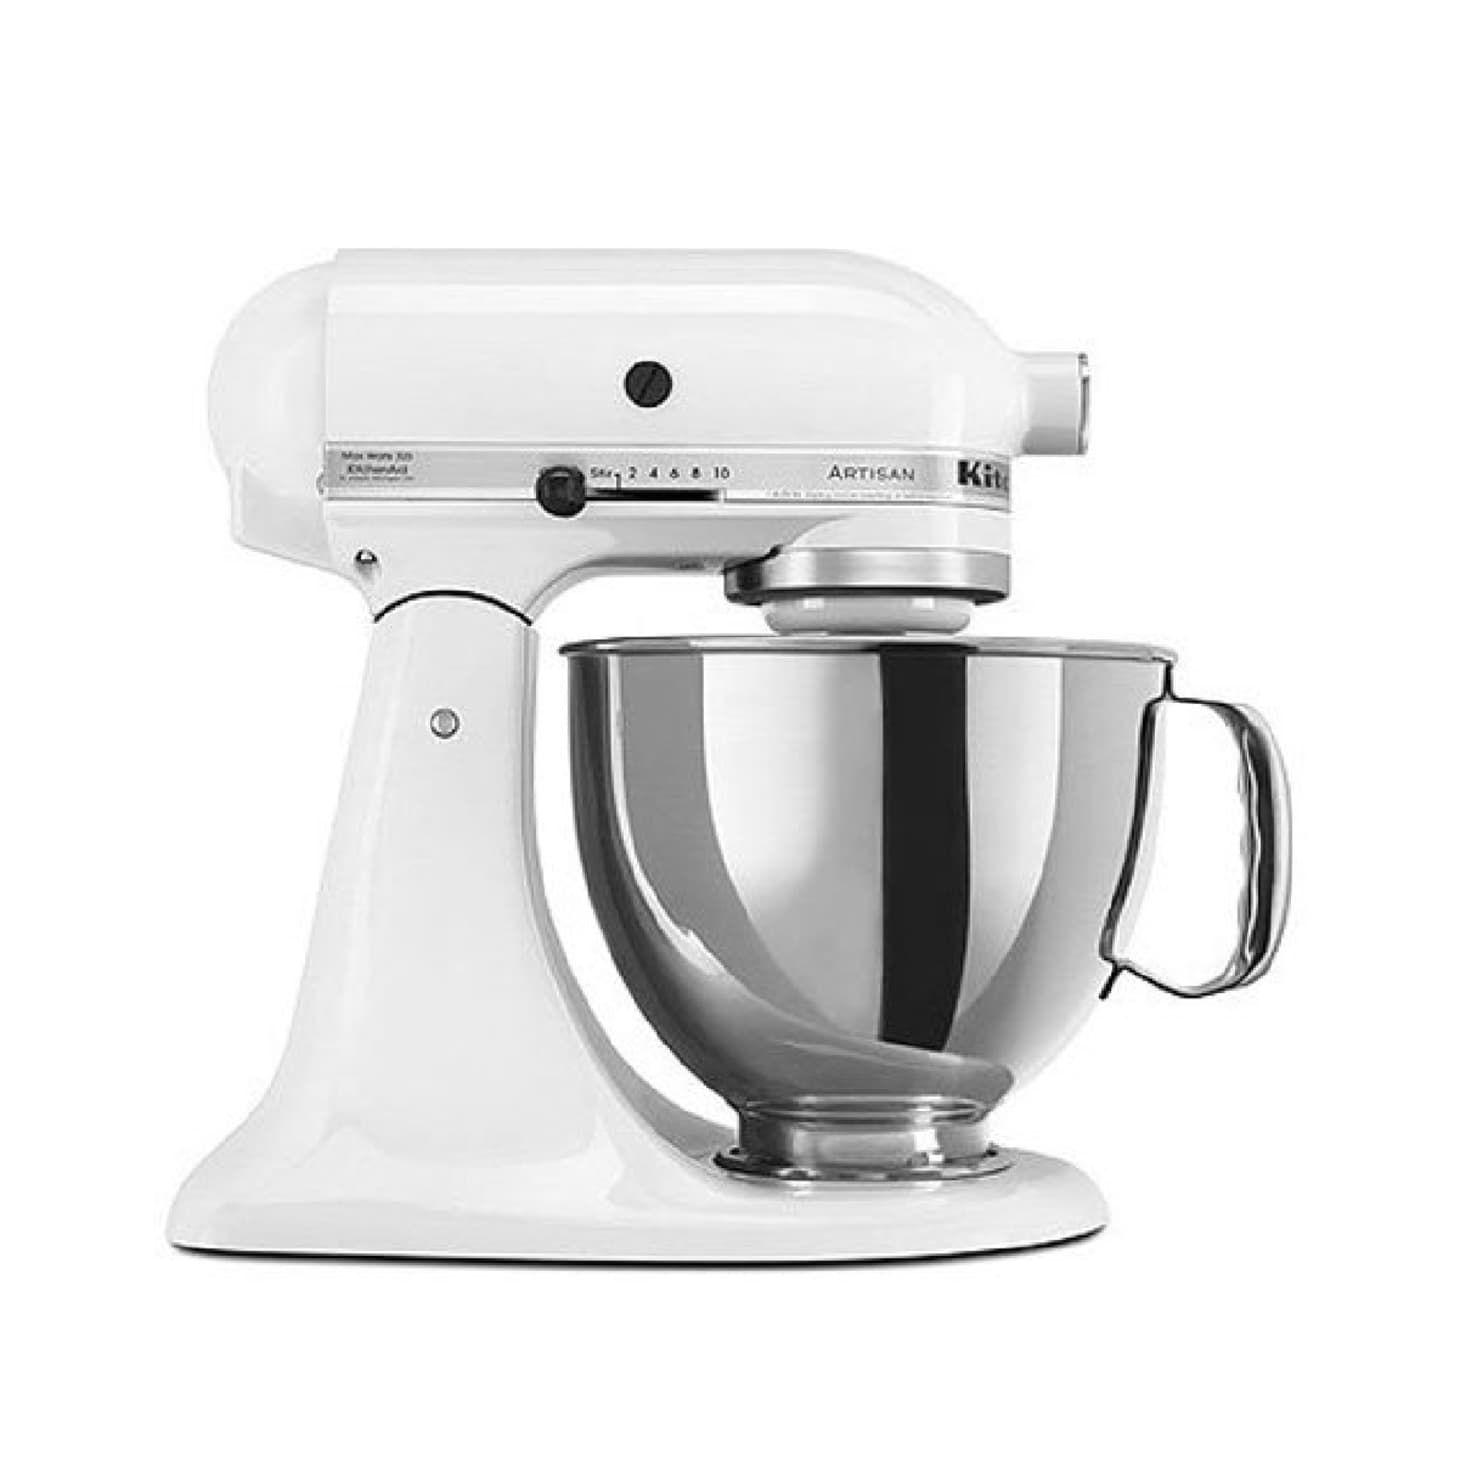 5 Of Ina Garten S Must Have Baking Supplies Kitchen Aid Kitchenaid Artisan Stand Mixer Kitchen Aid Mixer